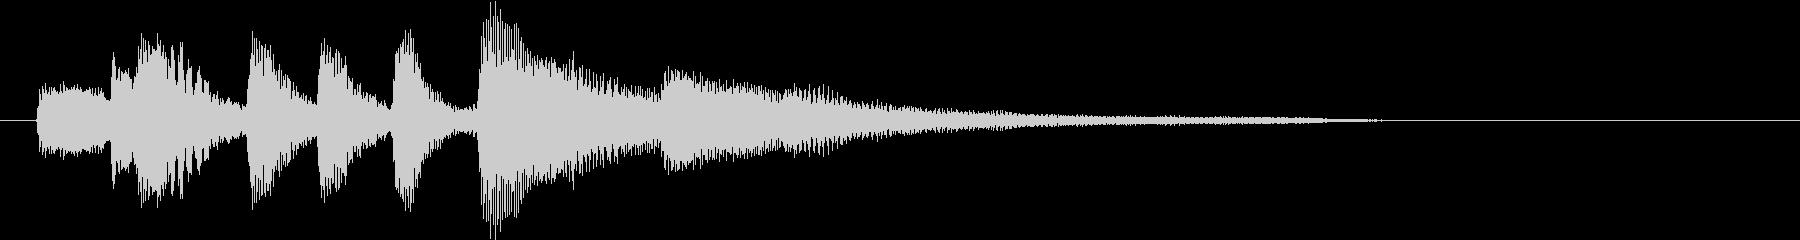 ピアノのおしゃれでシンプルなジングルの未再生の波形